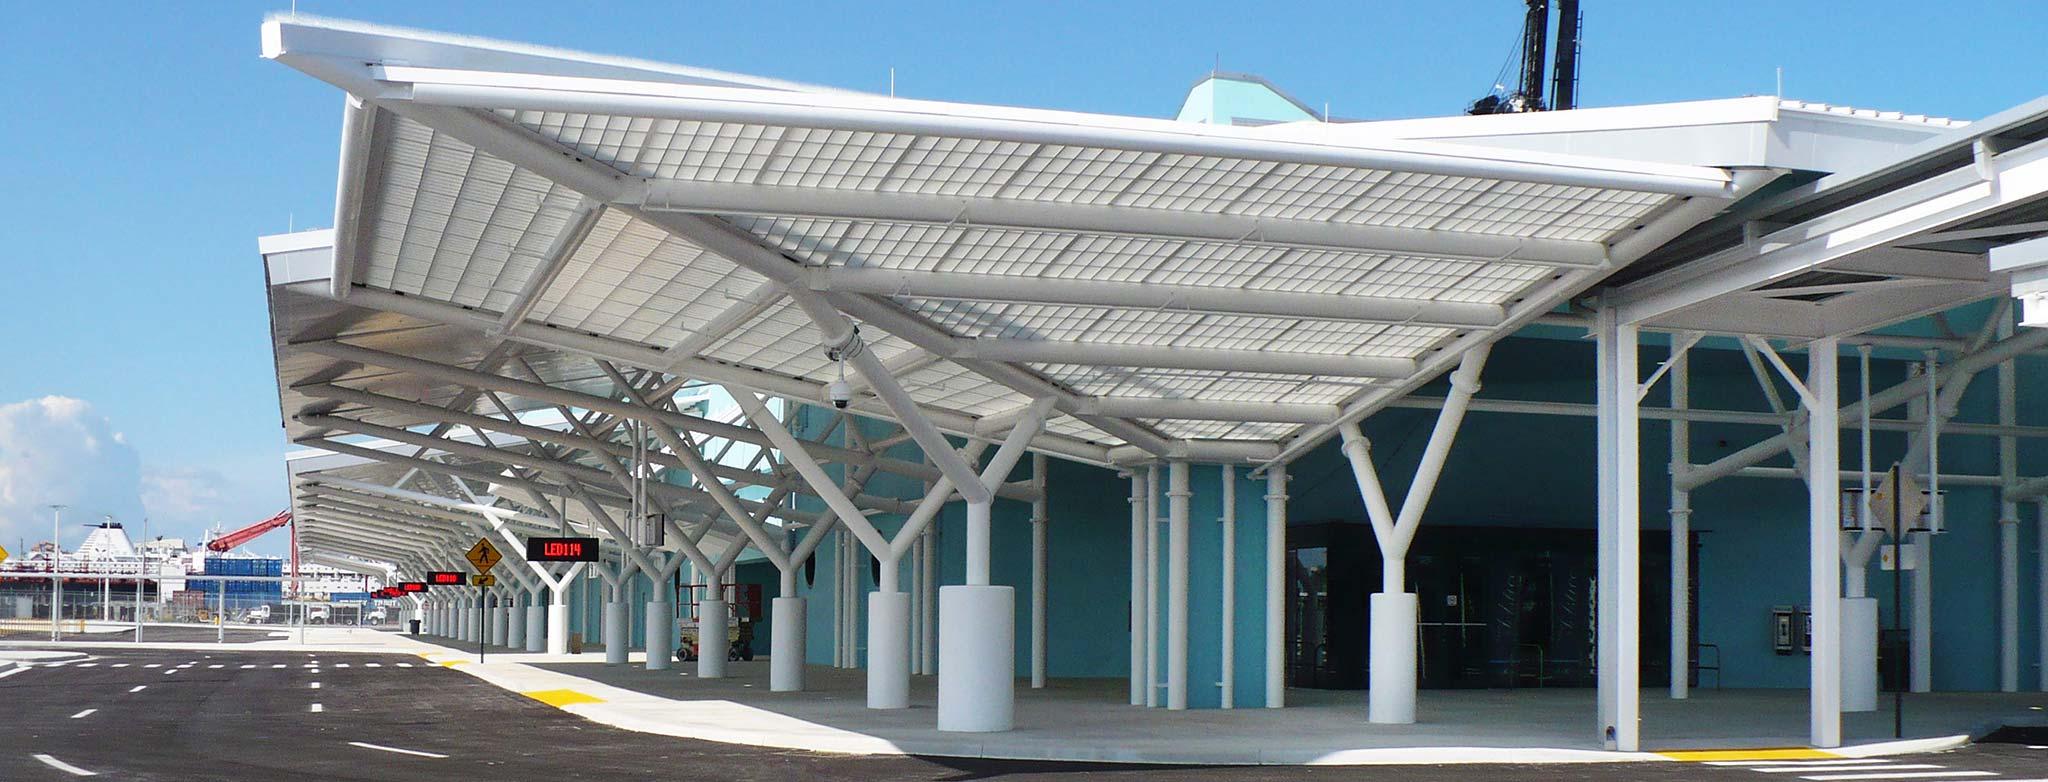 Port Everglades Terminal 18